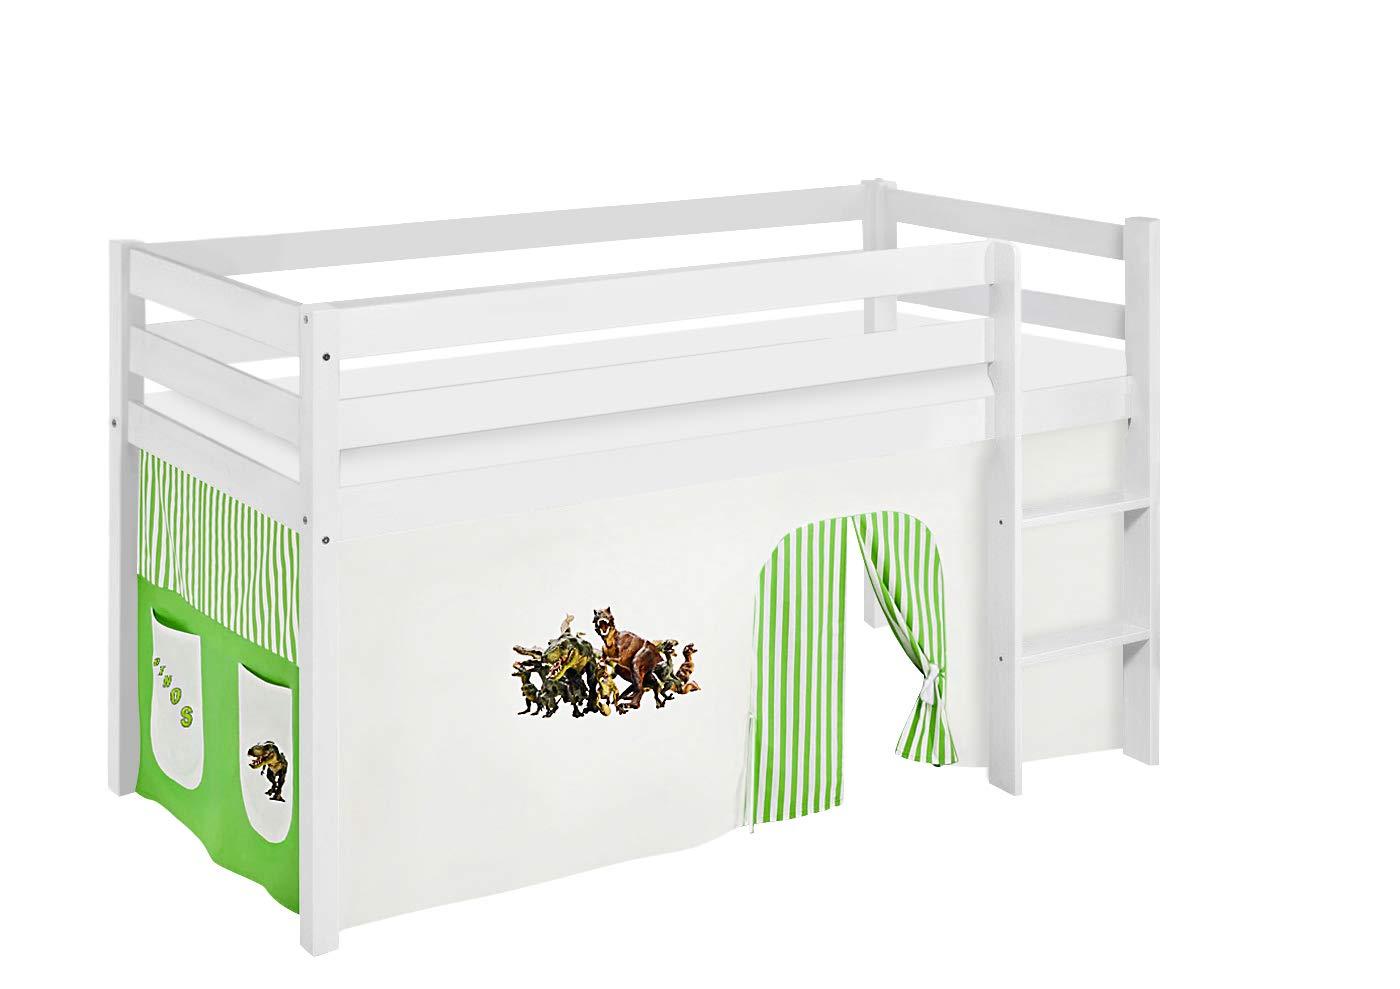 Lilokids JELLE2054KW-DINOS-GRUEN Spielbett Jelle Dinos, Hochbett mit Vorhang Kinderbett, Holz, grün beige, 208 x 98 x 113 cm